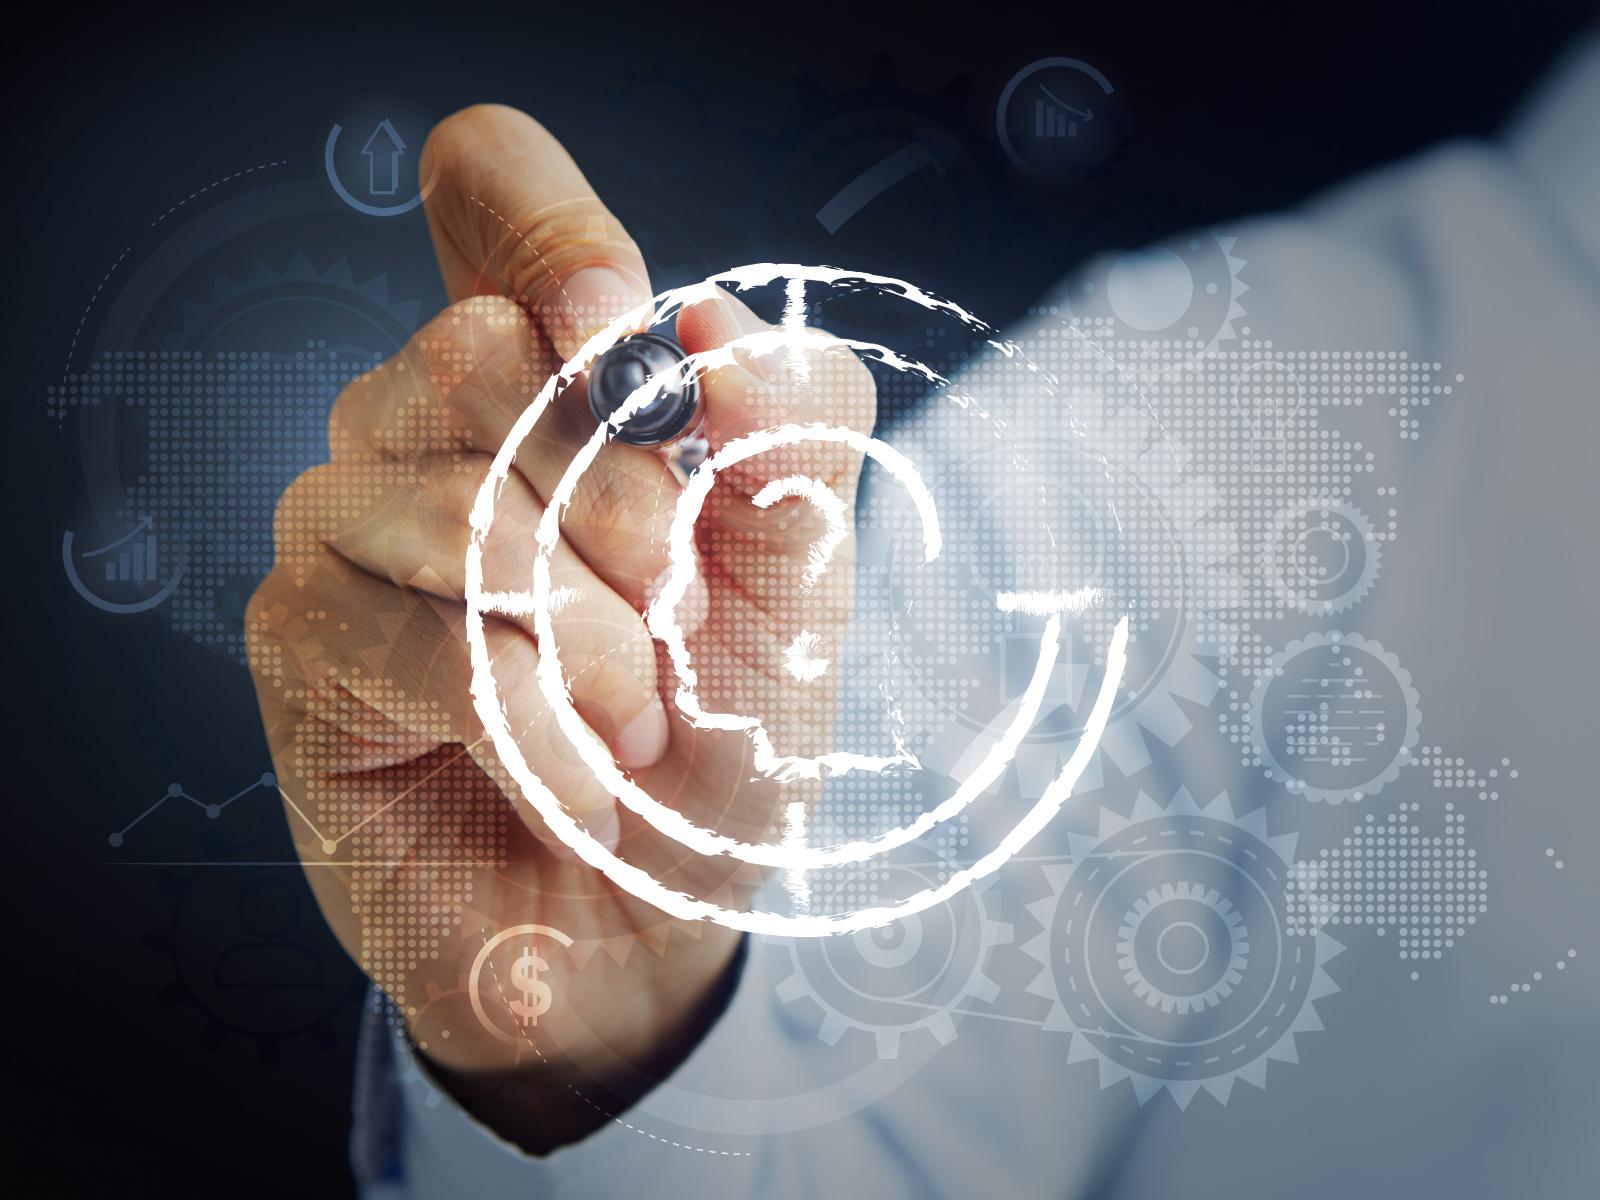 第90話|受注履歴から探る新規顧客ターゲット選定のためのデータ分析